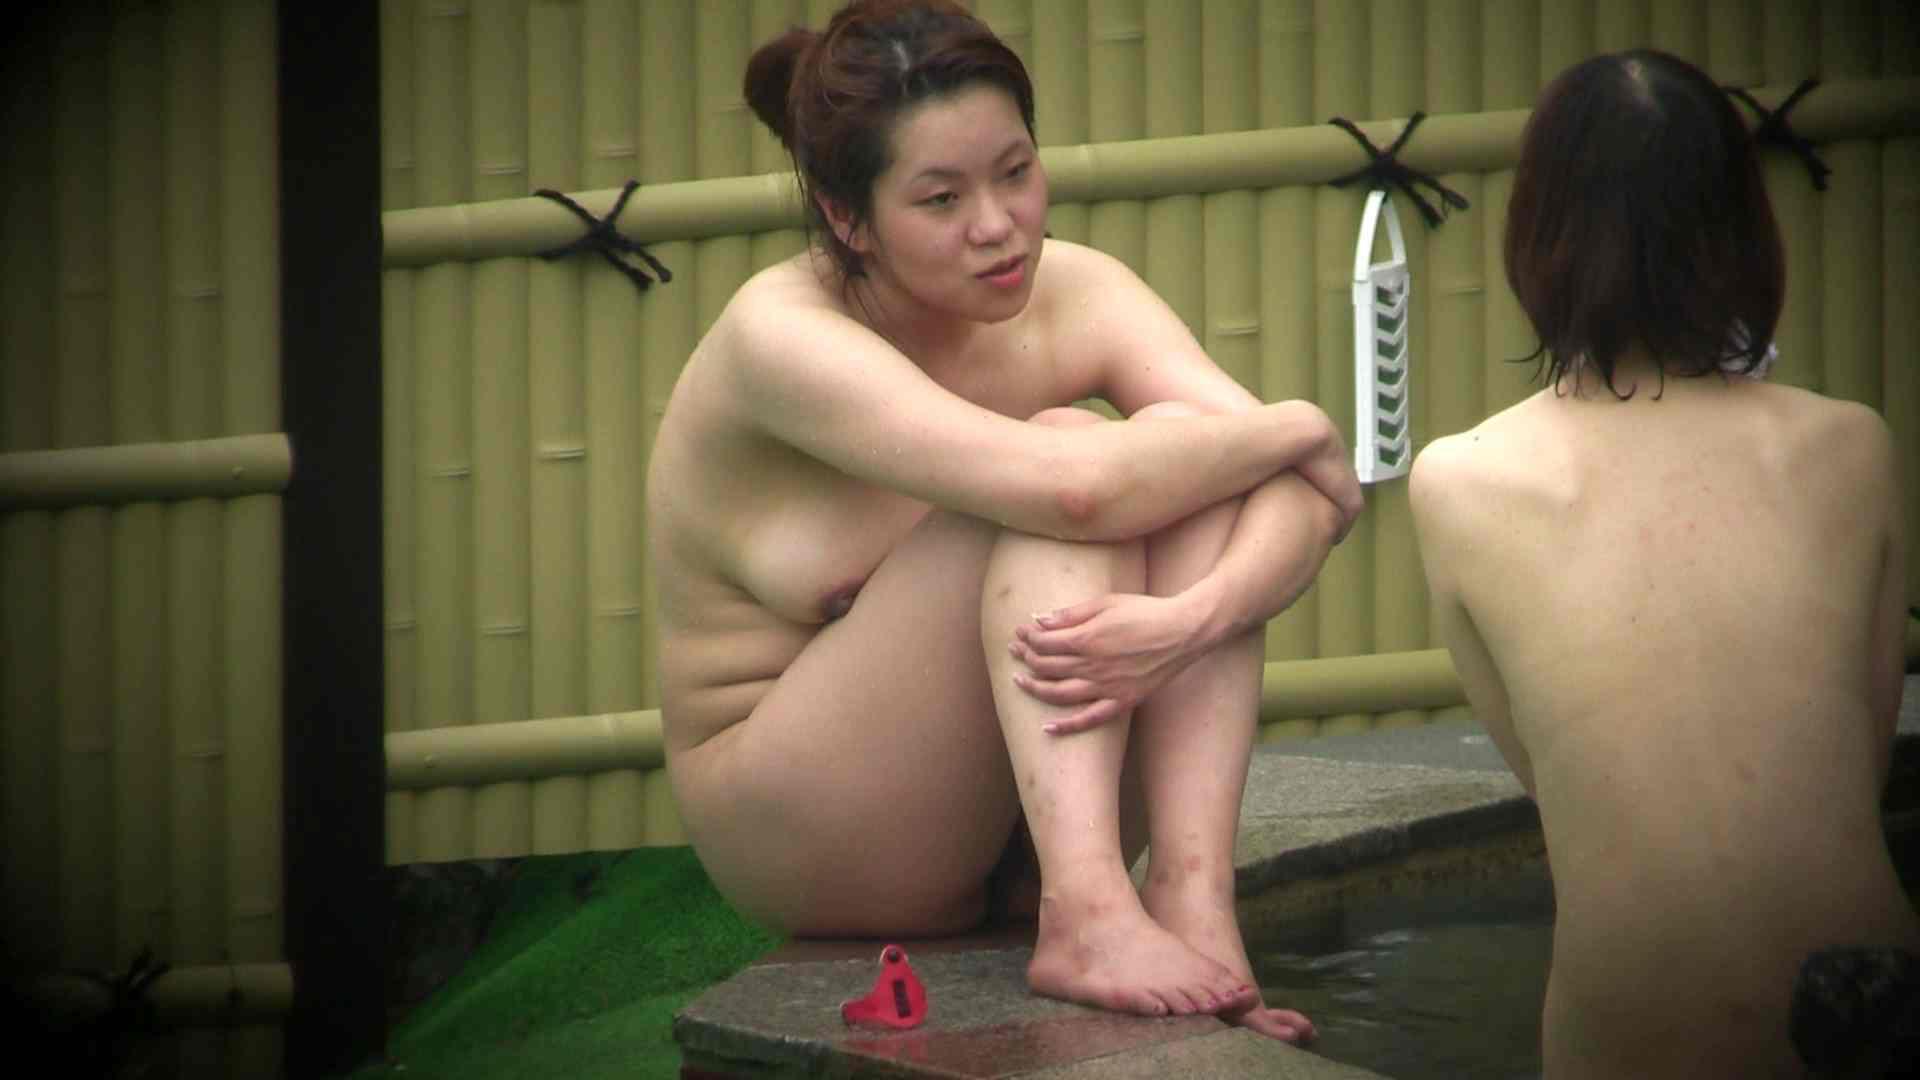 Aquaな露天風呂Vol.680 OLのエロ生活   盗撮  98連発 70